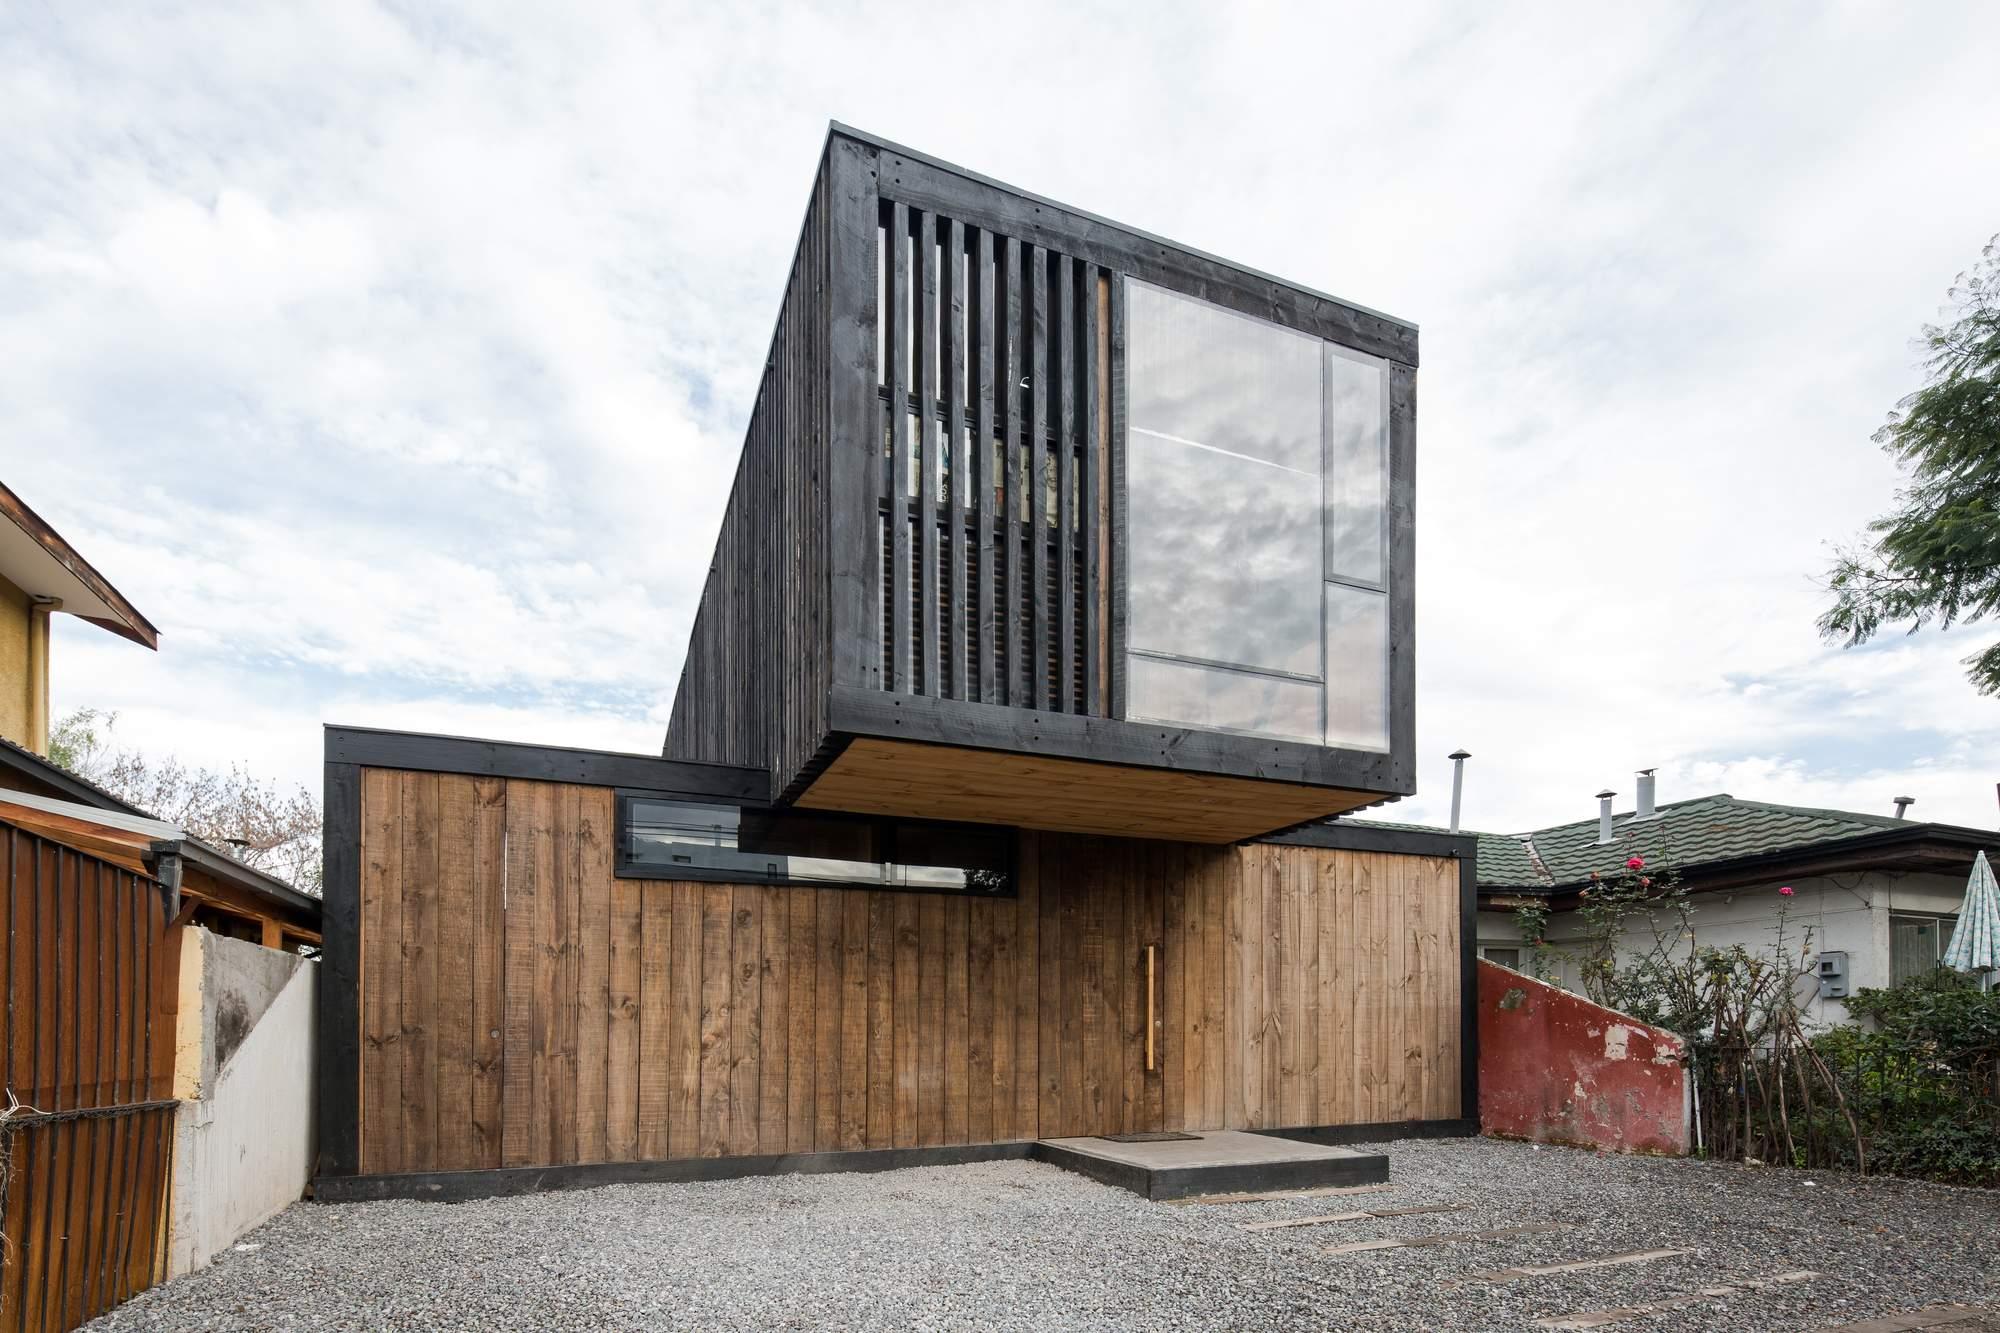 Реконструкция заброшенного дома в Чили